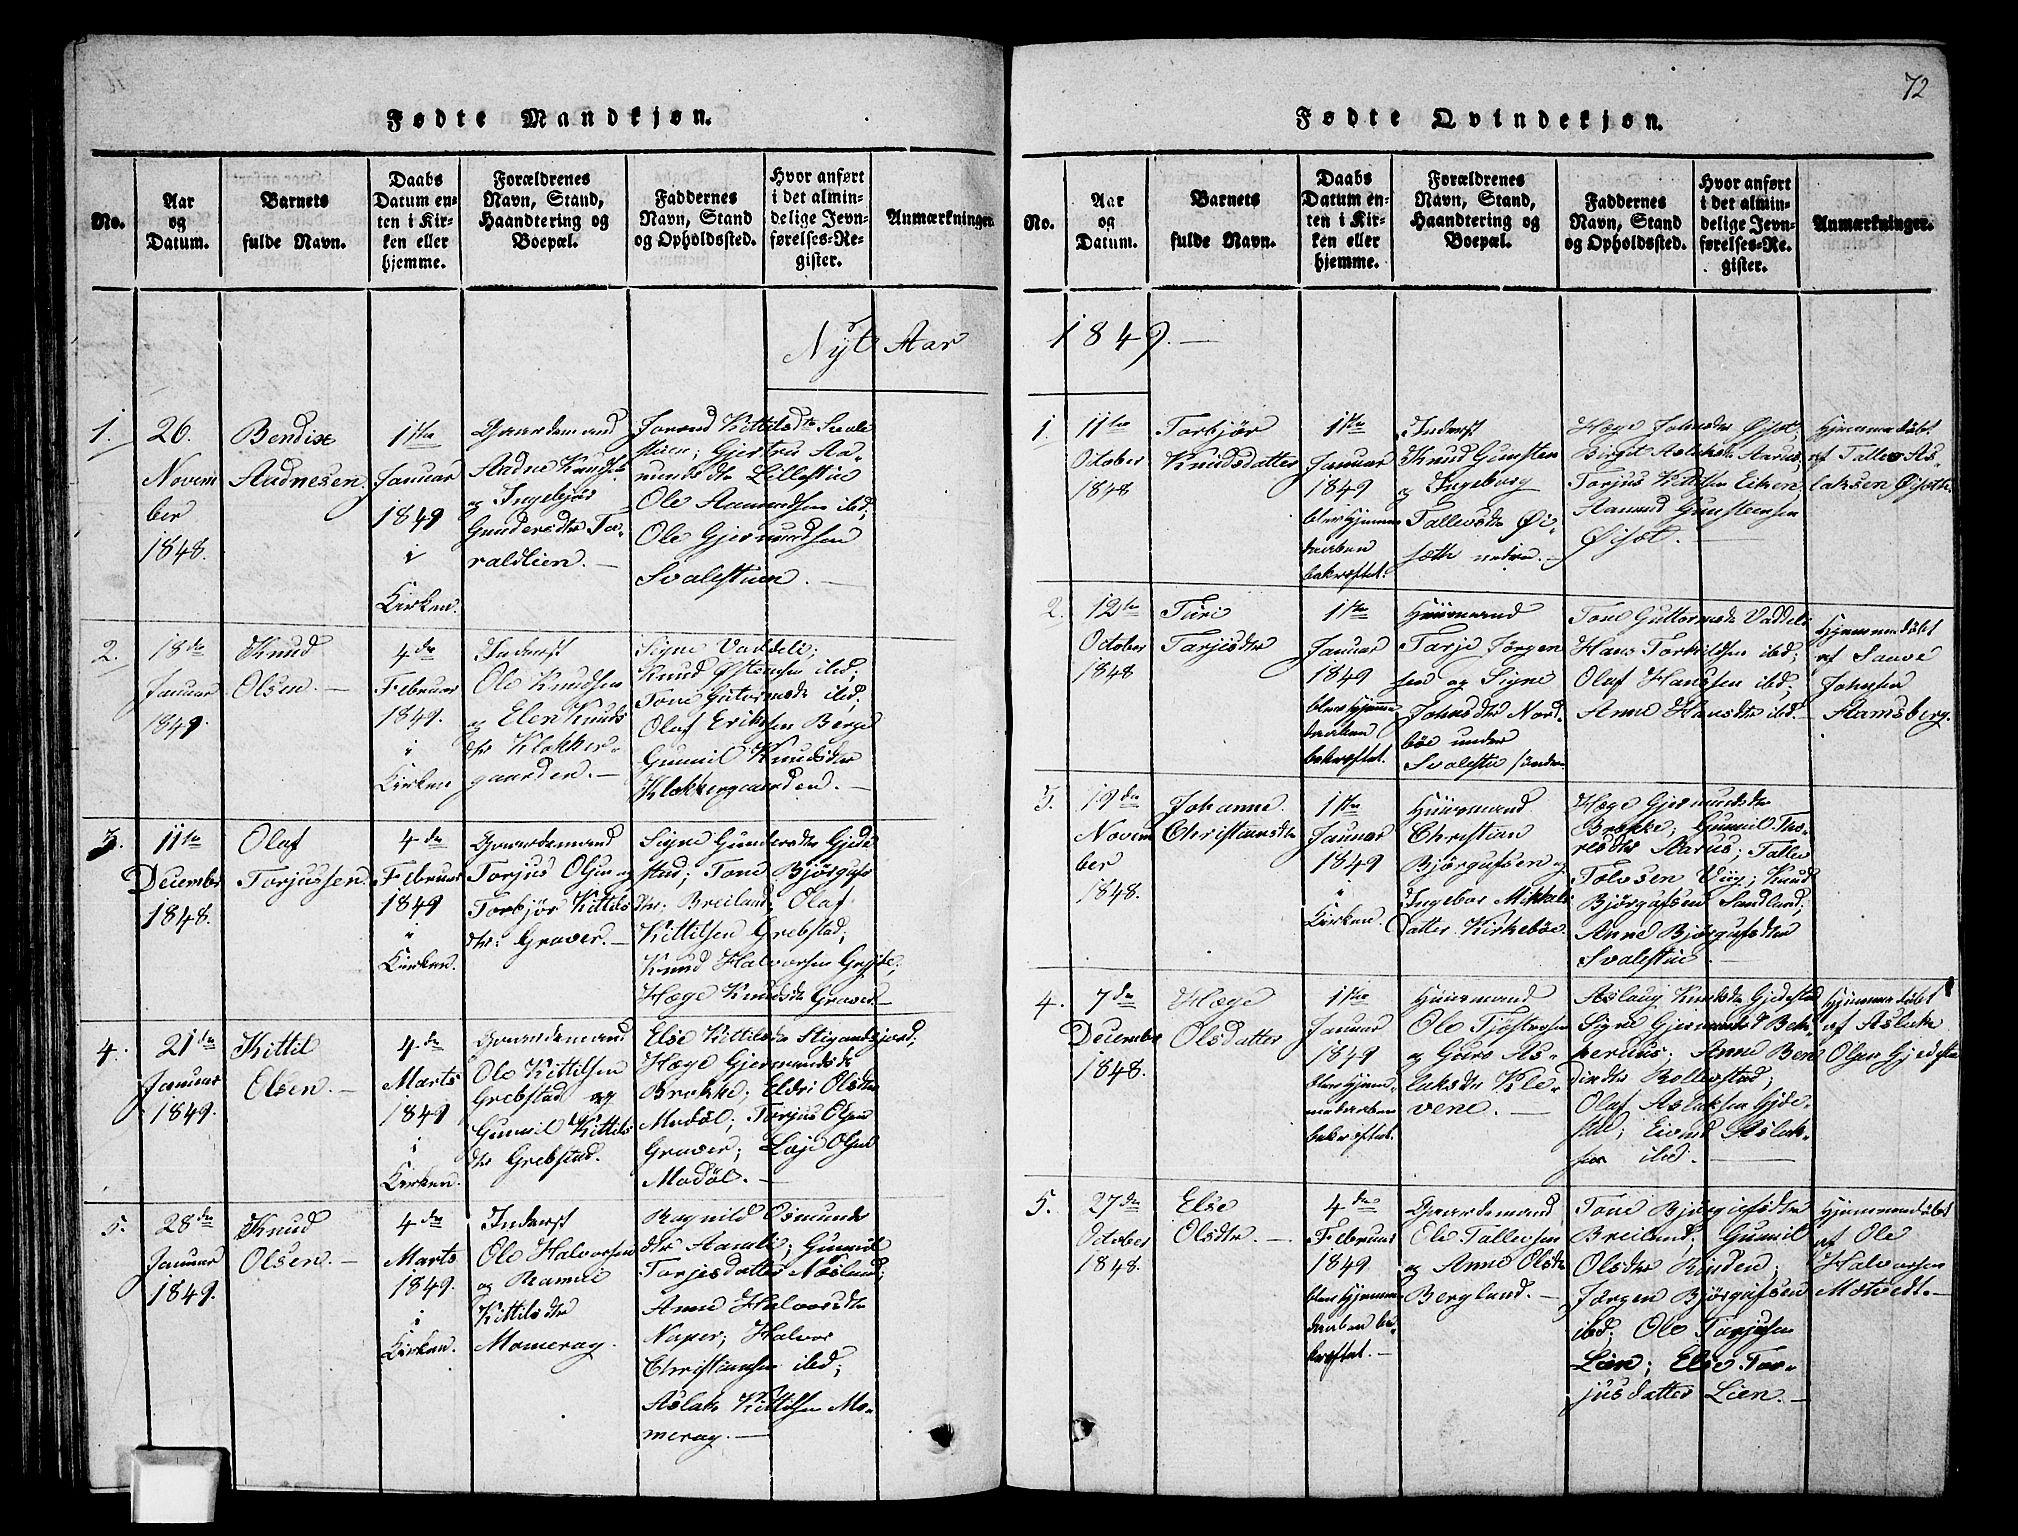 SAKO, Fyresdal kirkebøker, G/Ga/L0002: Klokkerbok nr. I 2, 1815-1857, s. 72